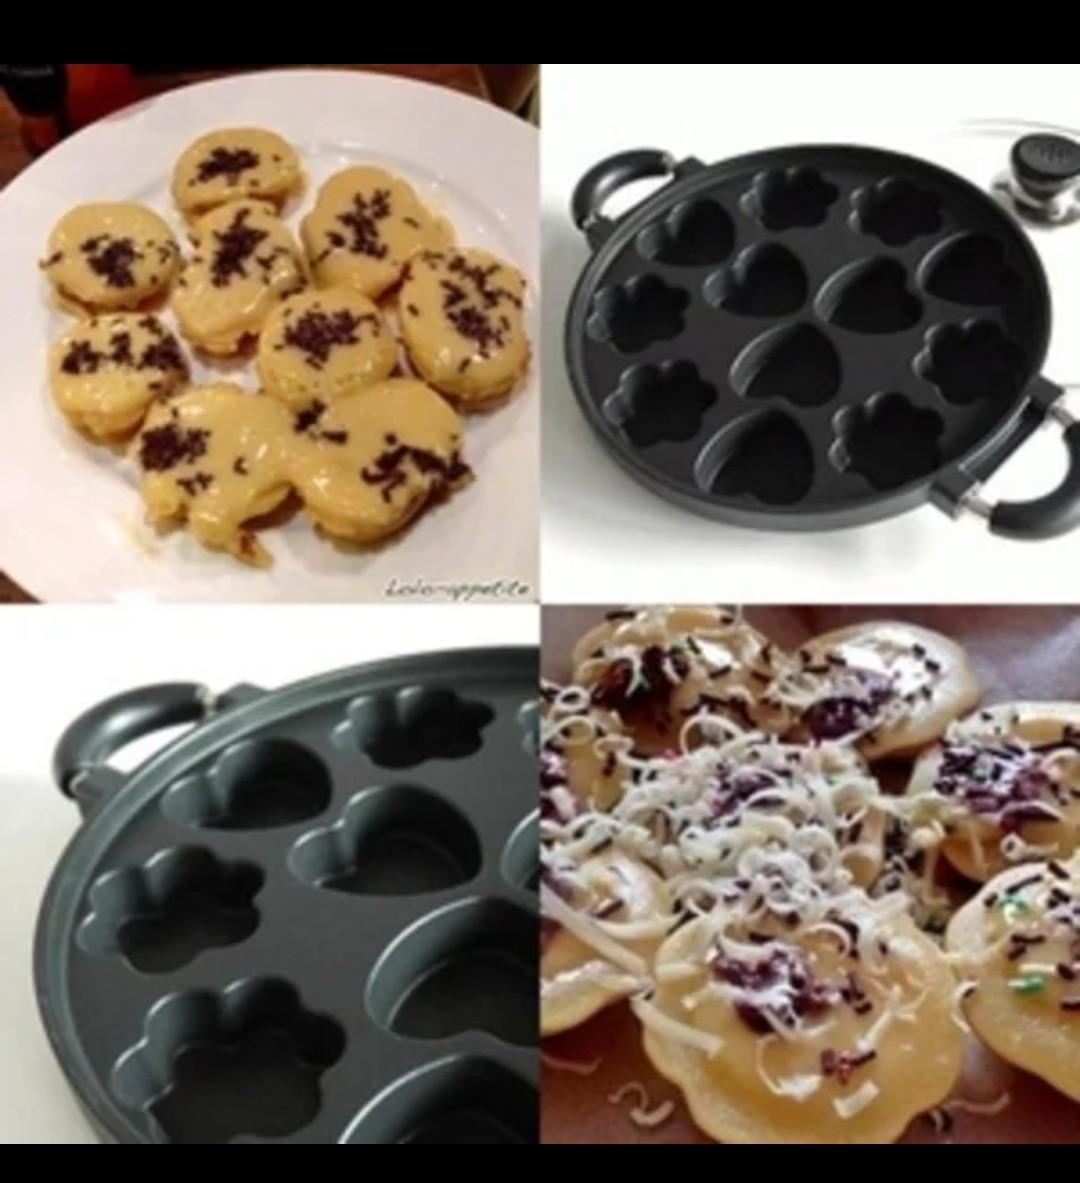 Cetakan kue cubit 12 variasi/wajan loyang apem snackmaker